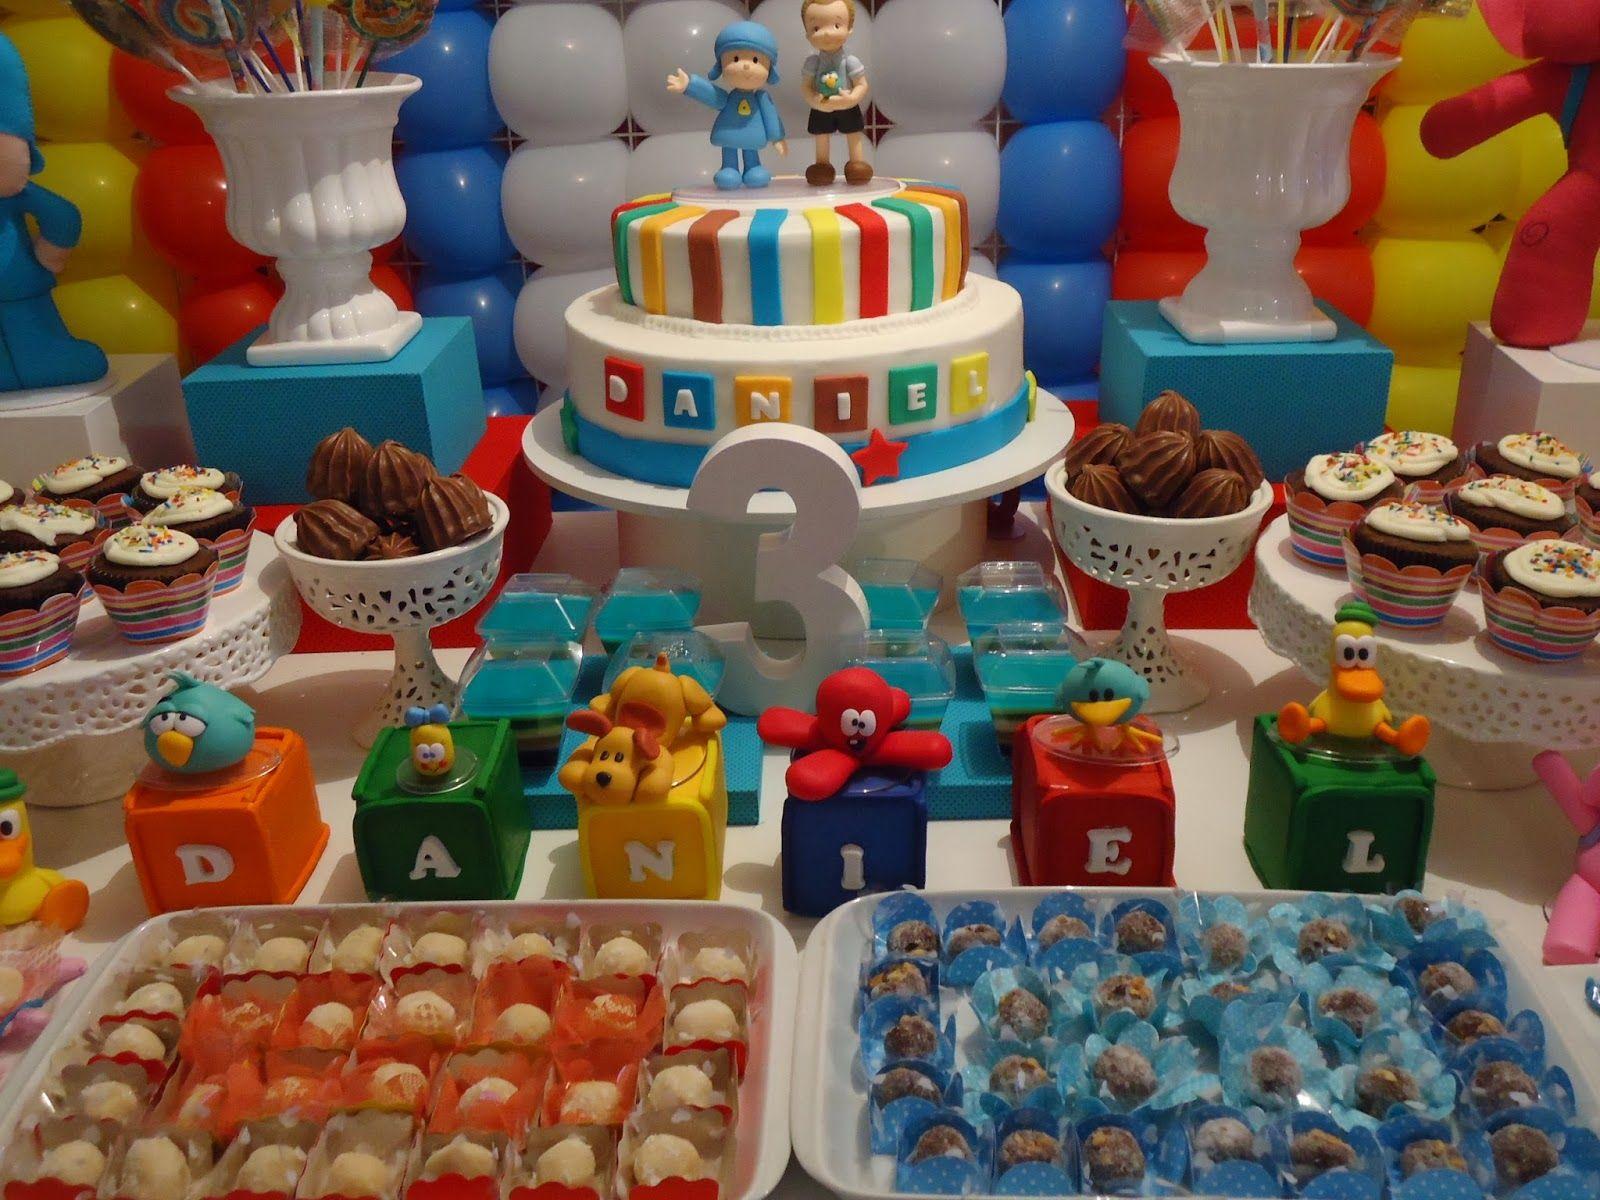 ideias festa infantil menino - Pesquisa Google